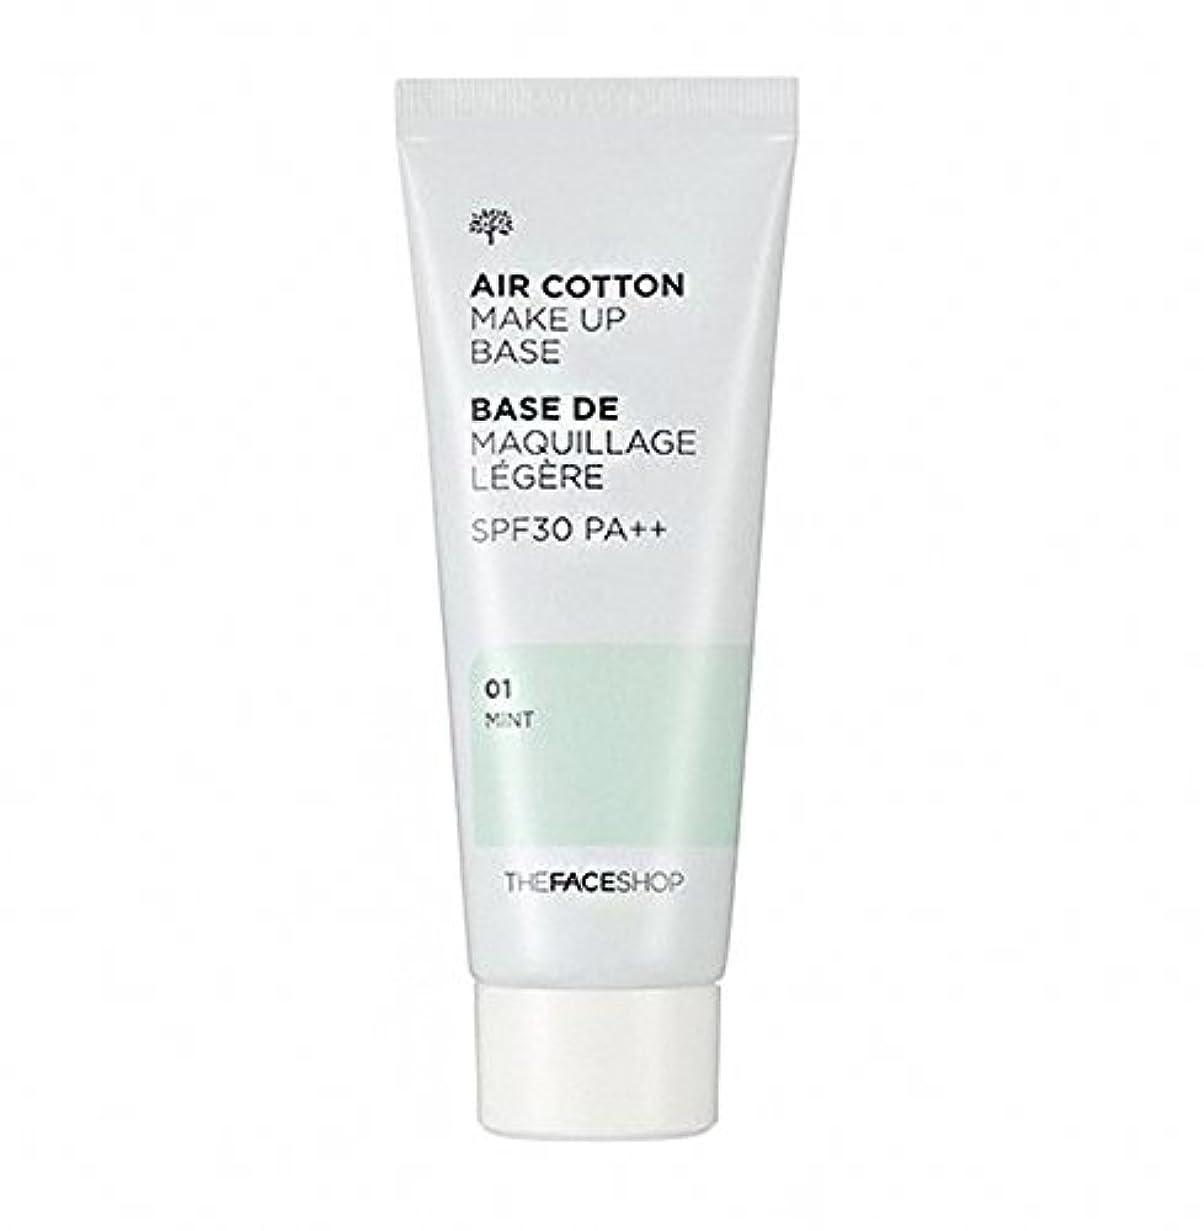 グリットモート副ザ·フェイスショップ The Face Shop エアコットン メーキャップ ベース 40ml(01 ミント) The Face Shop air Cotton Makeup Base 40ml(01 Mint) [海外直送品]